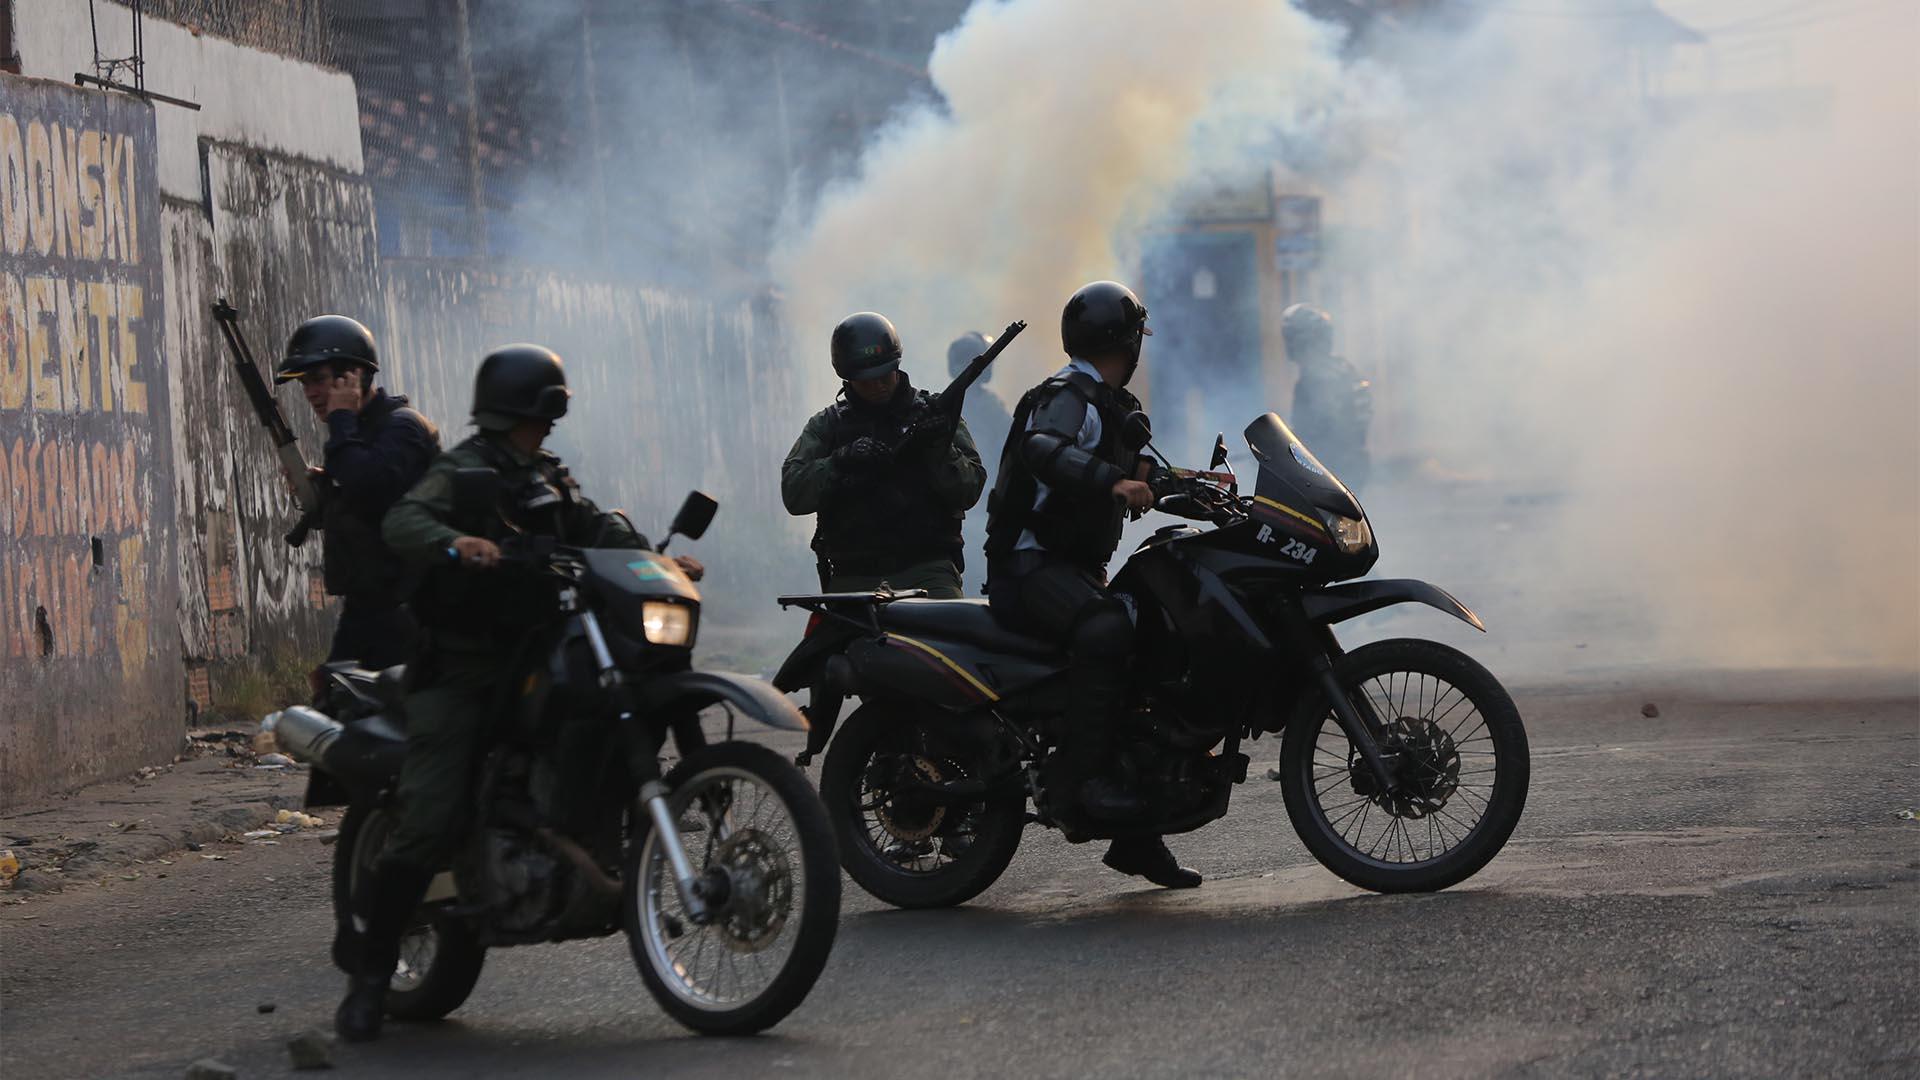 La Guardia Nacional actuó con la colaboración de los colectivos chavistas(AP Photo/Rodrigo And)